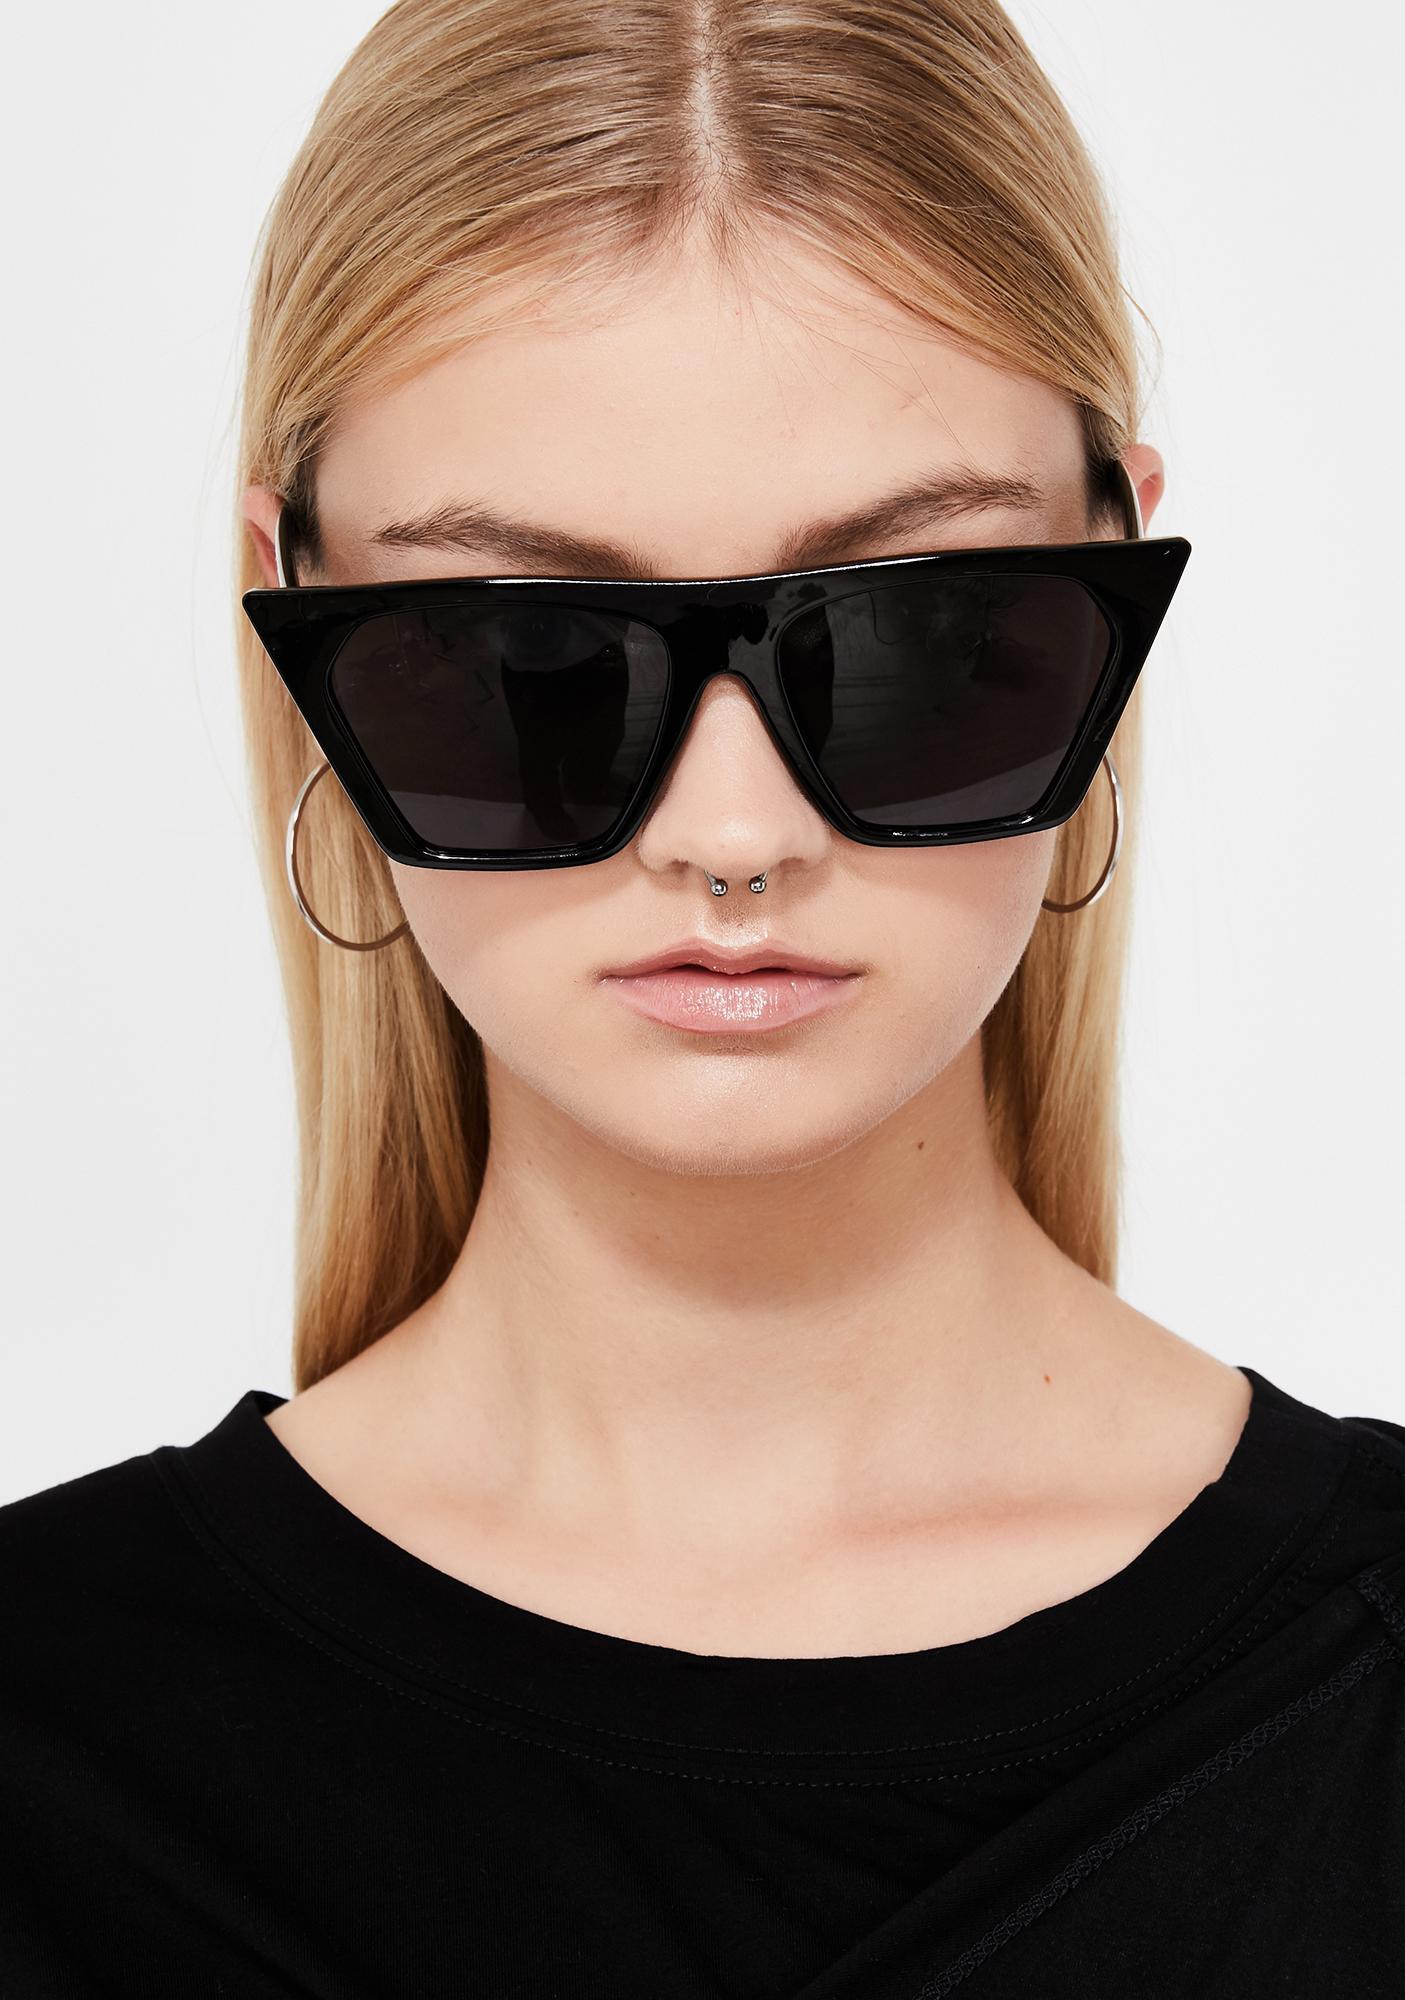 08b10b09272 ... Dark Techno Baddie Cat Eye Sunglasses